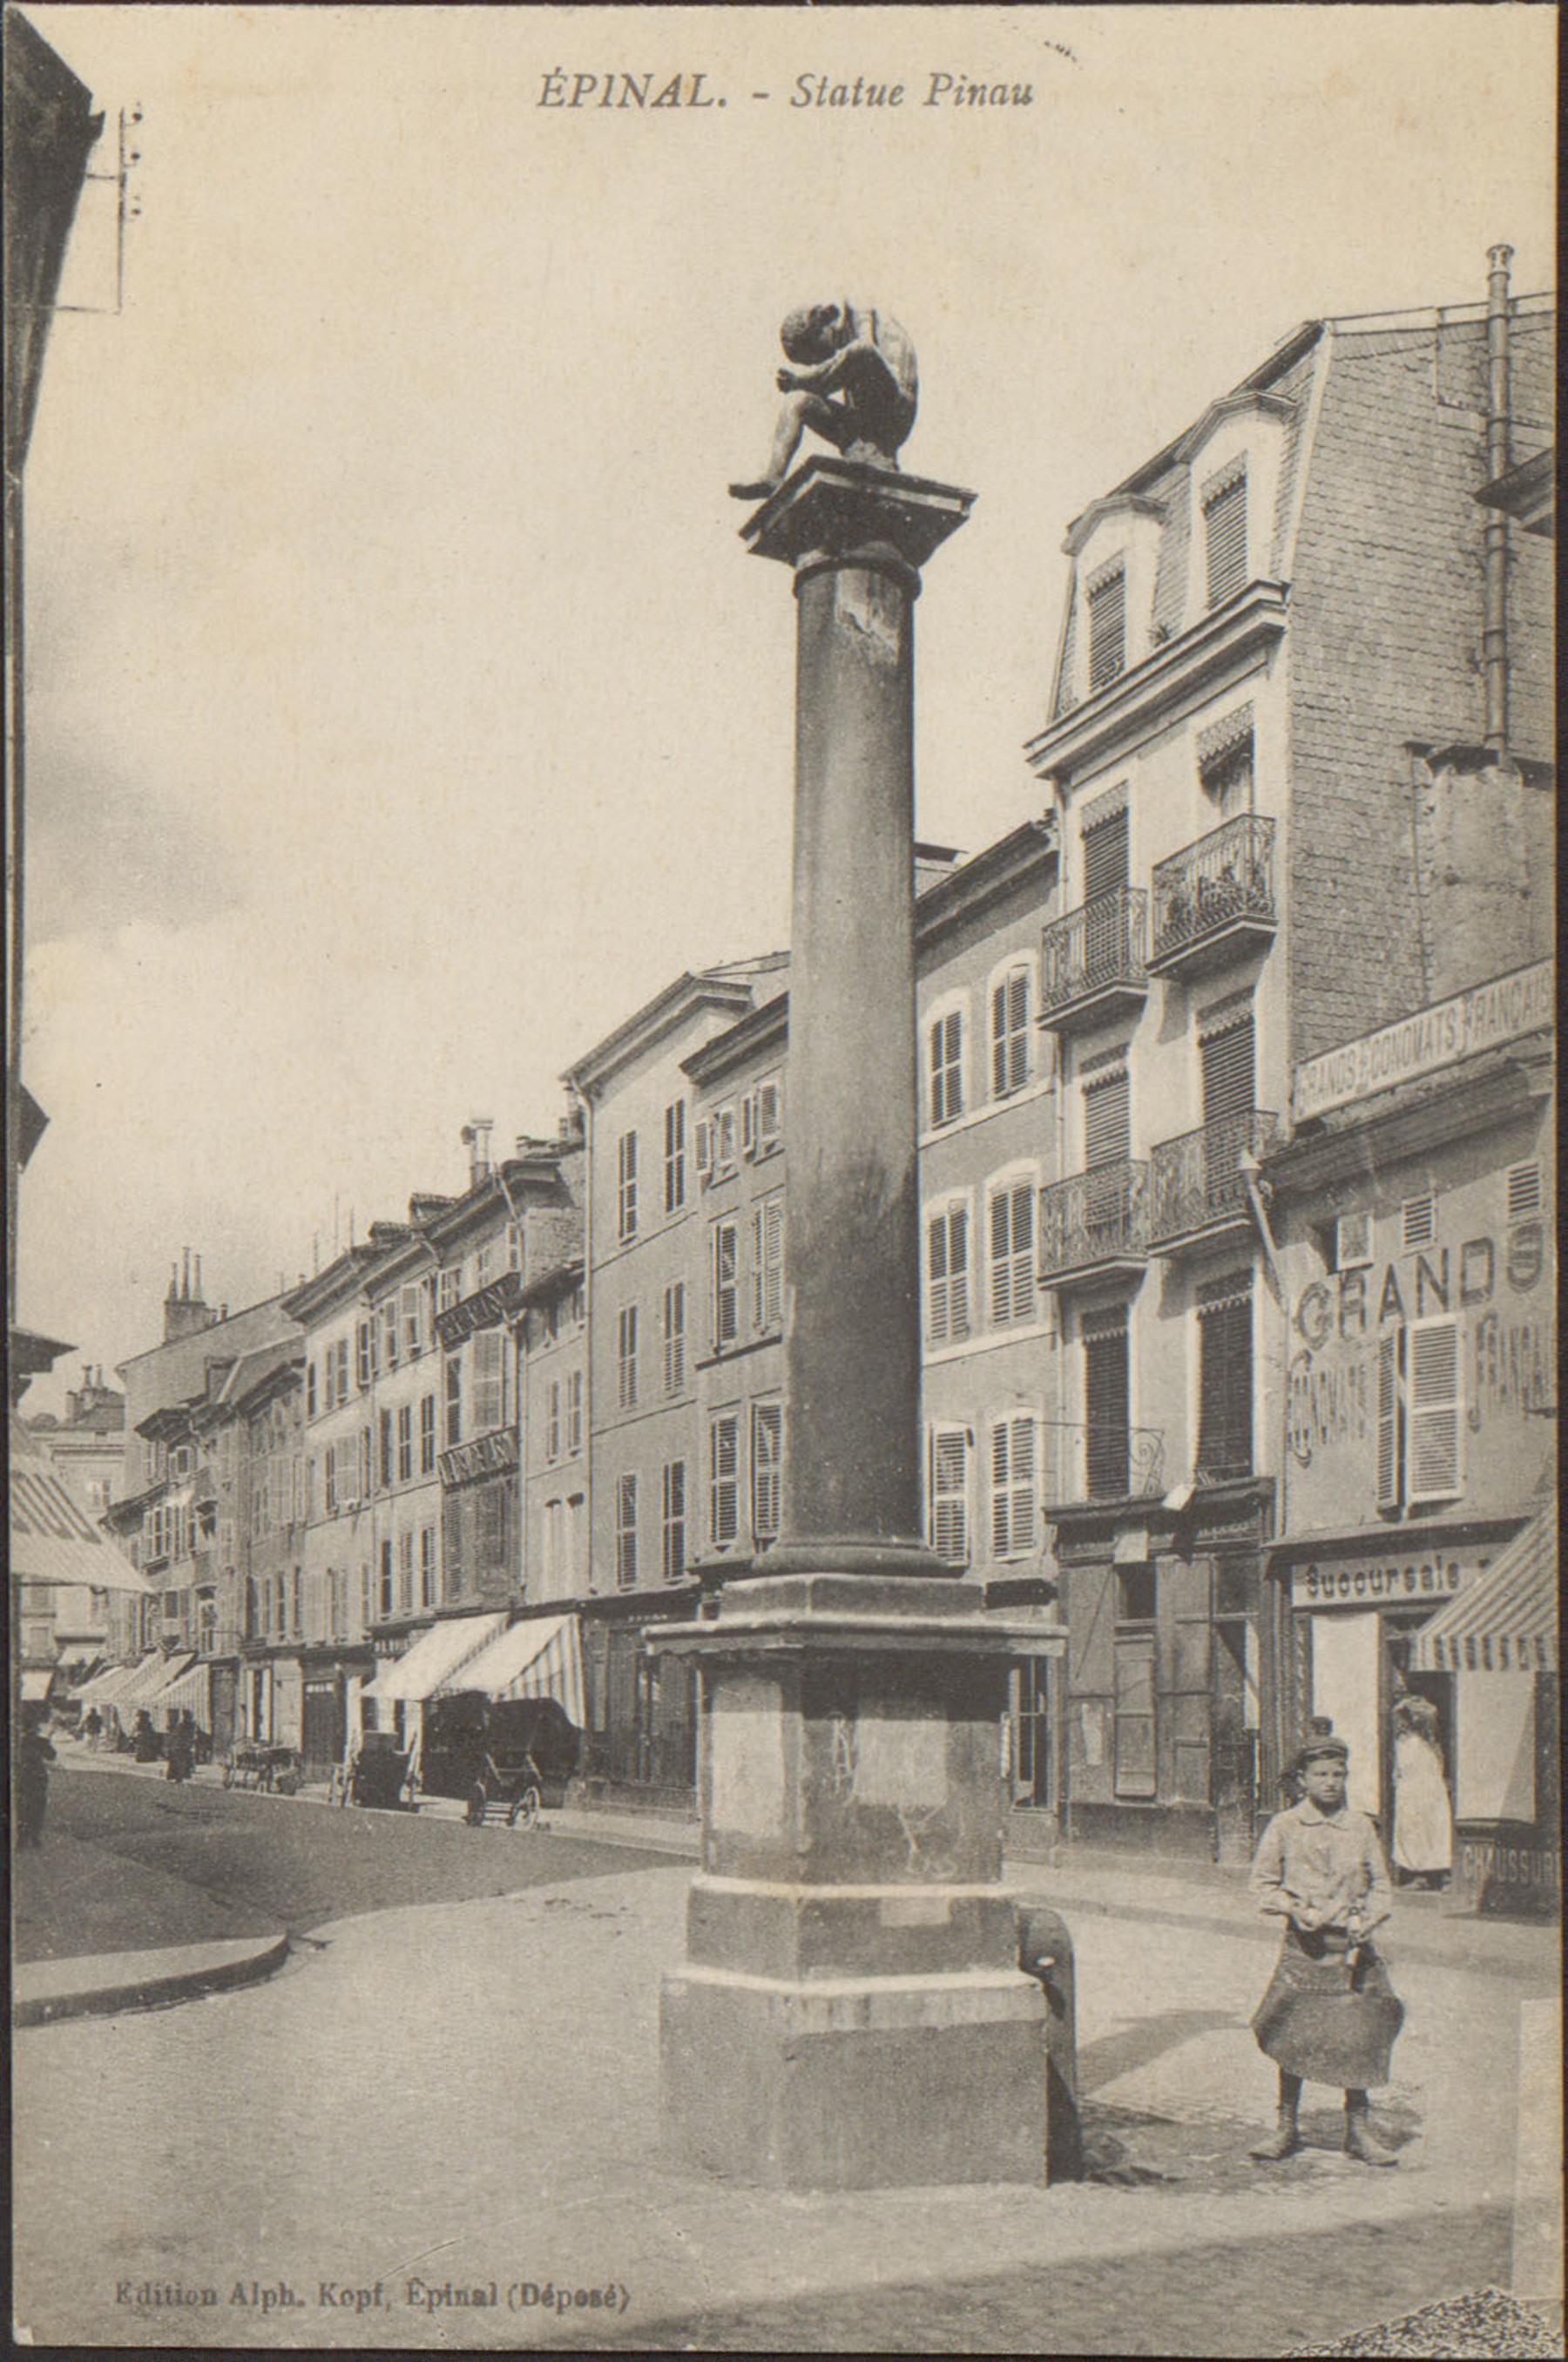 Contenu du Épinal, Statue Pinau